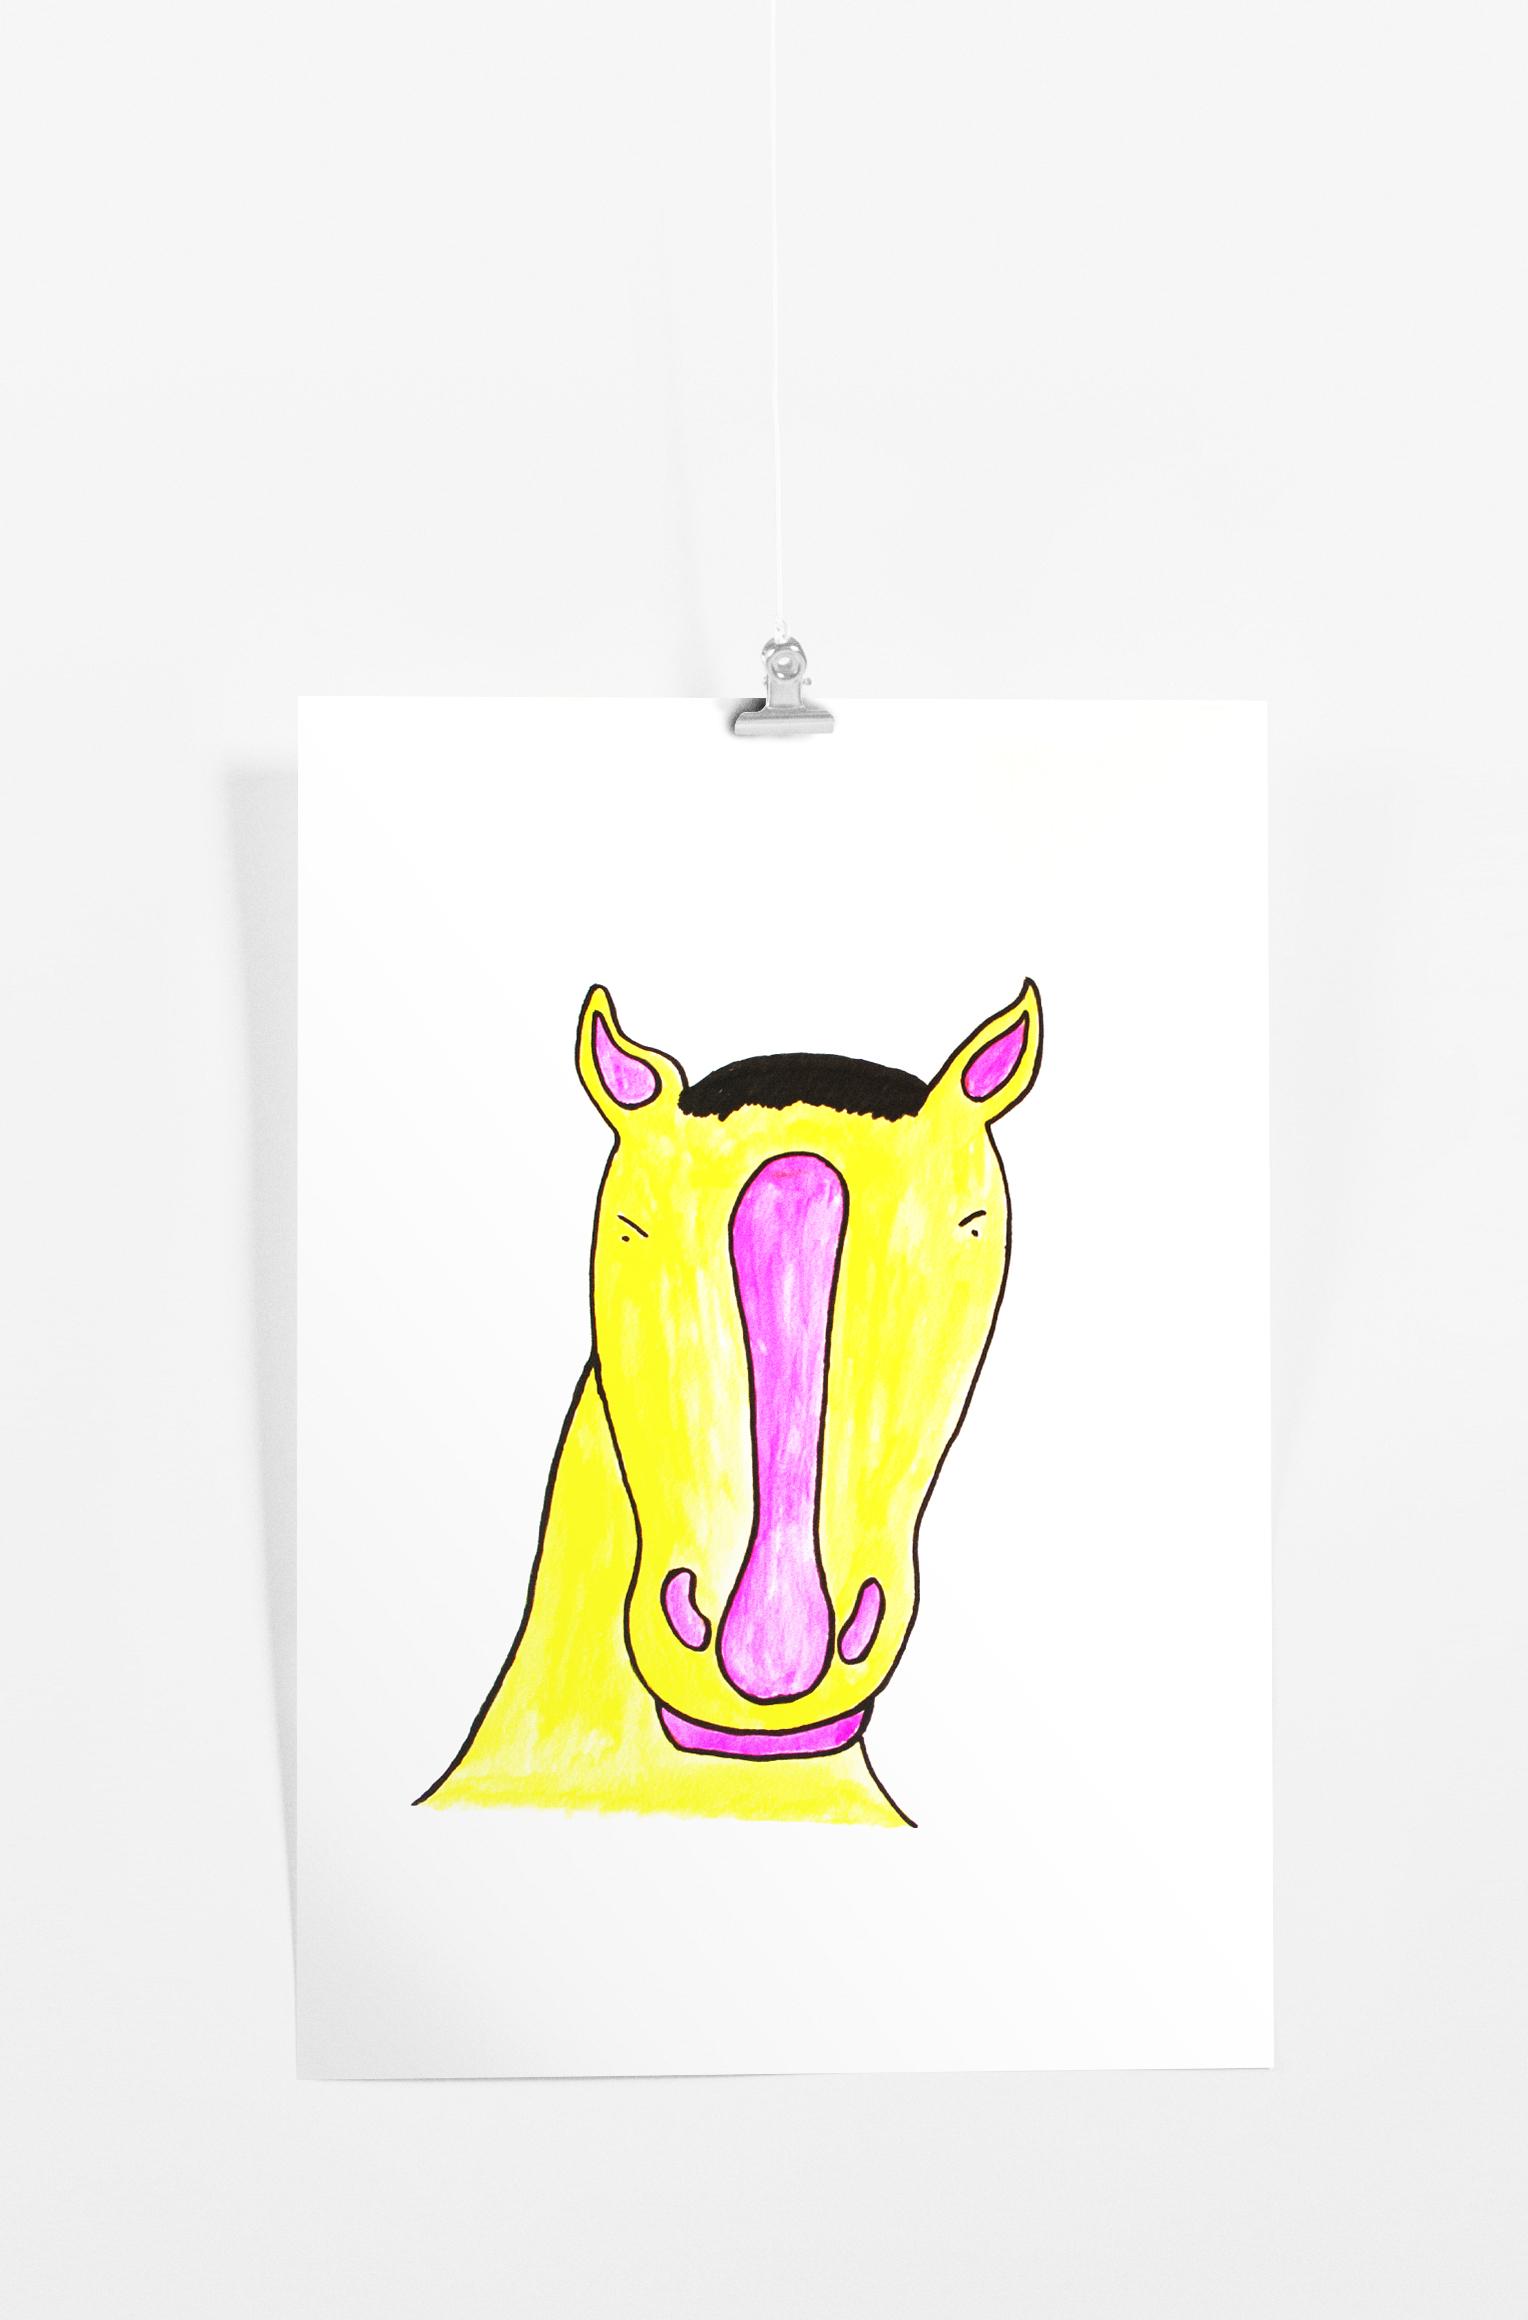 Equus Caballus Alcantarus